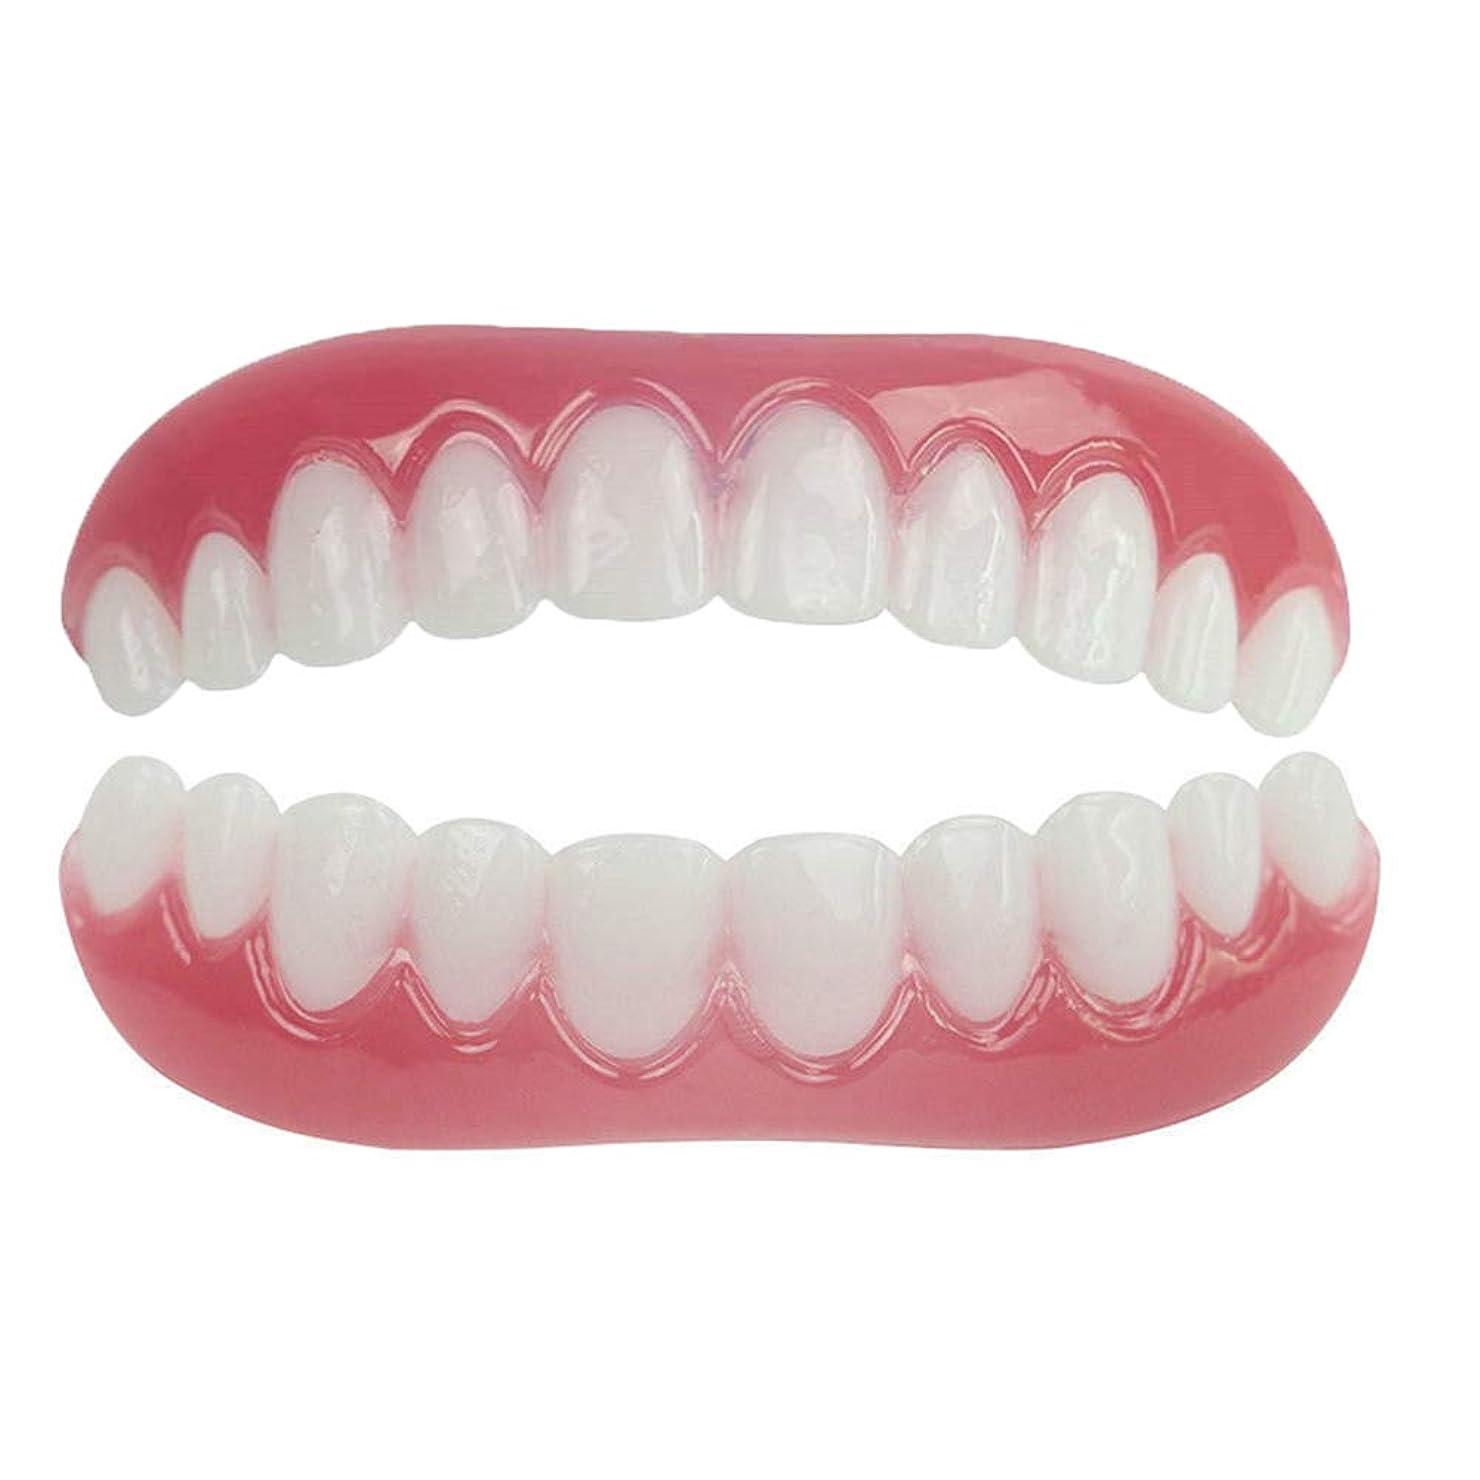 等価エキサイティング耐えられるシリコンシミュレーションの上下の義歯スリーブ、歯科用ベニヤホワイトニングティーセット(2セット),Boxed,UpperLower